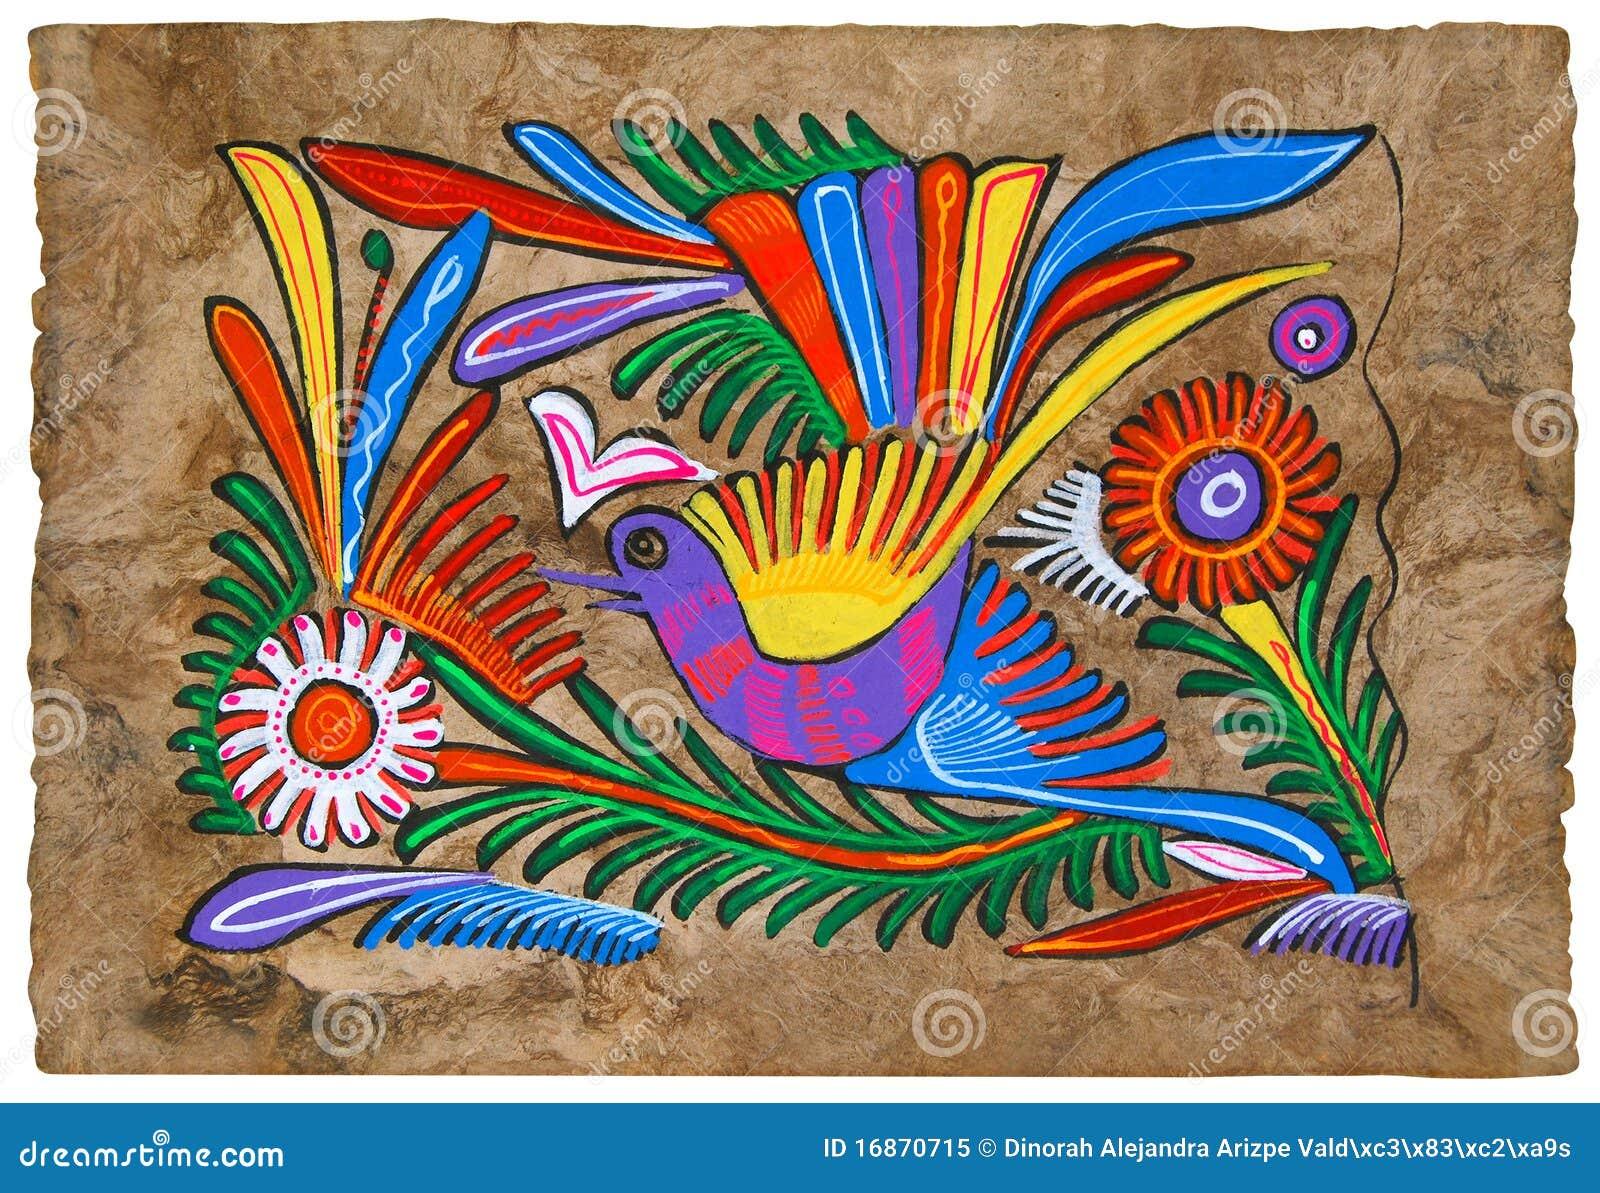 Peinture de papier d 39 amate photo libre de droits image 16870715 for Peinture sur papier